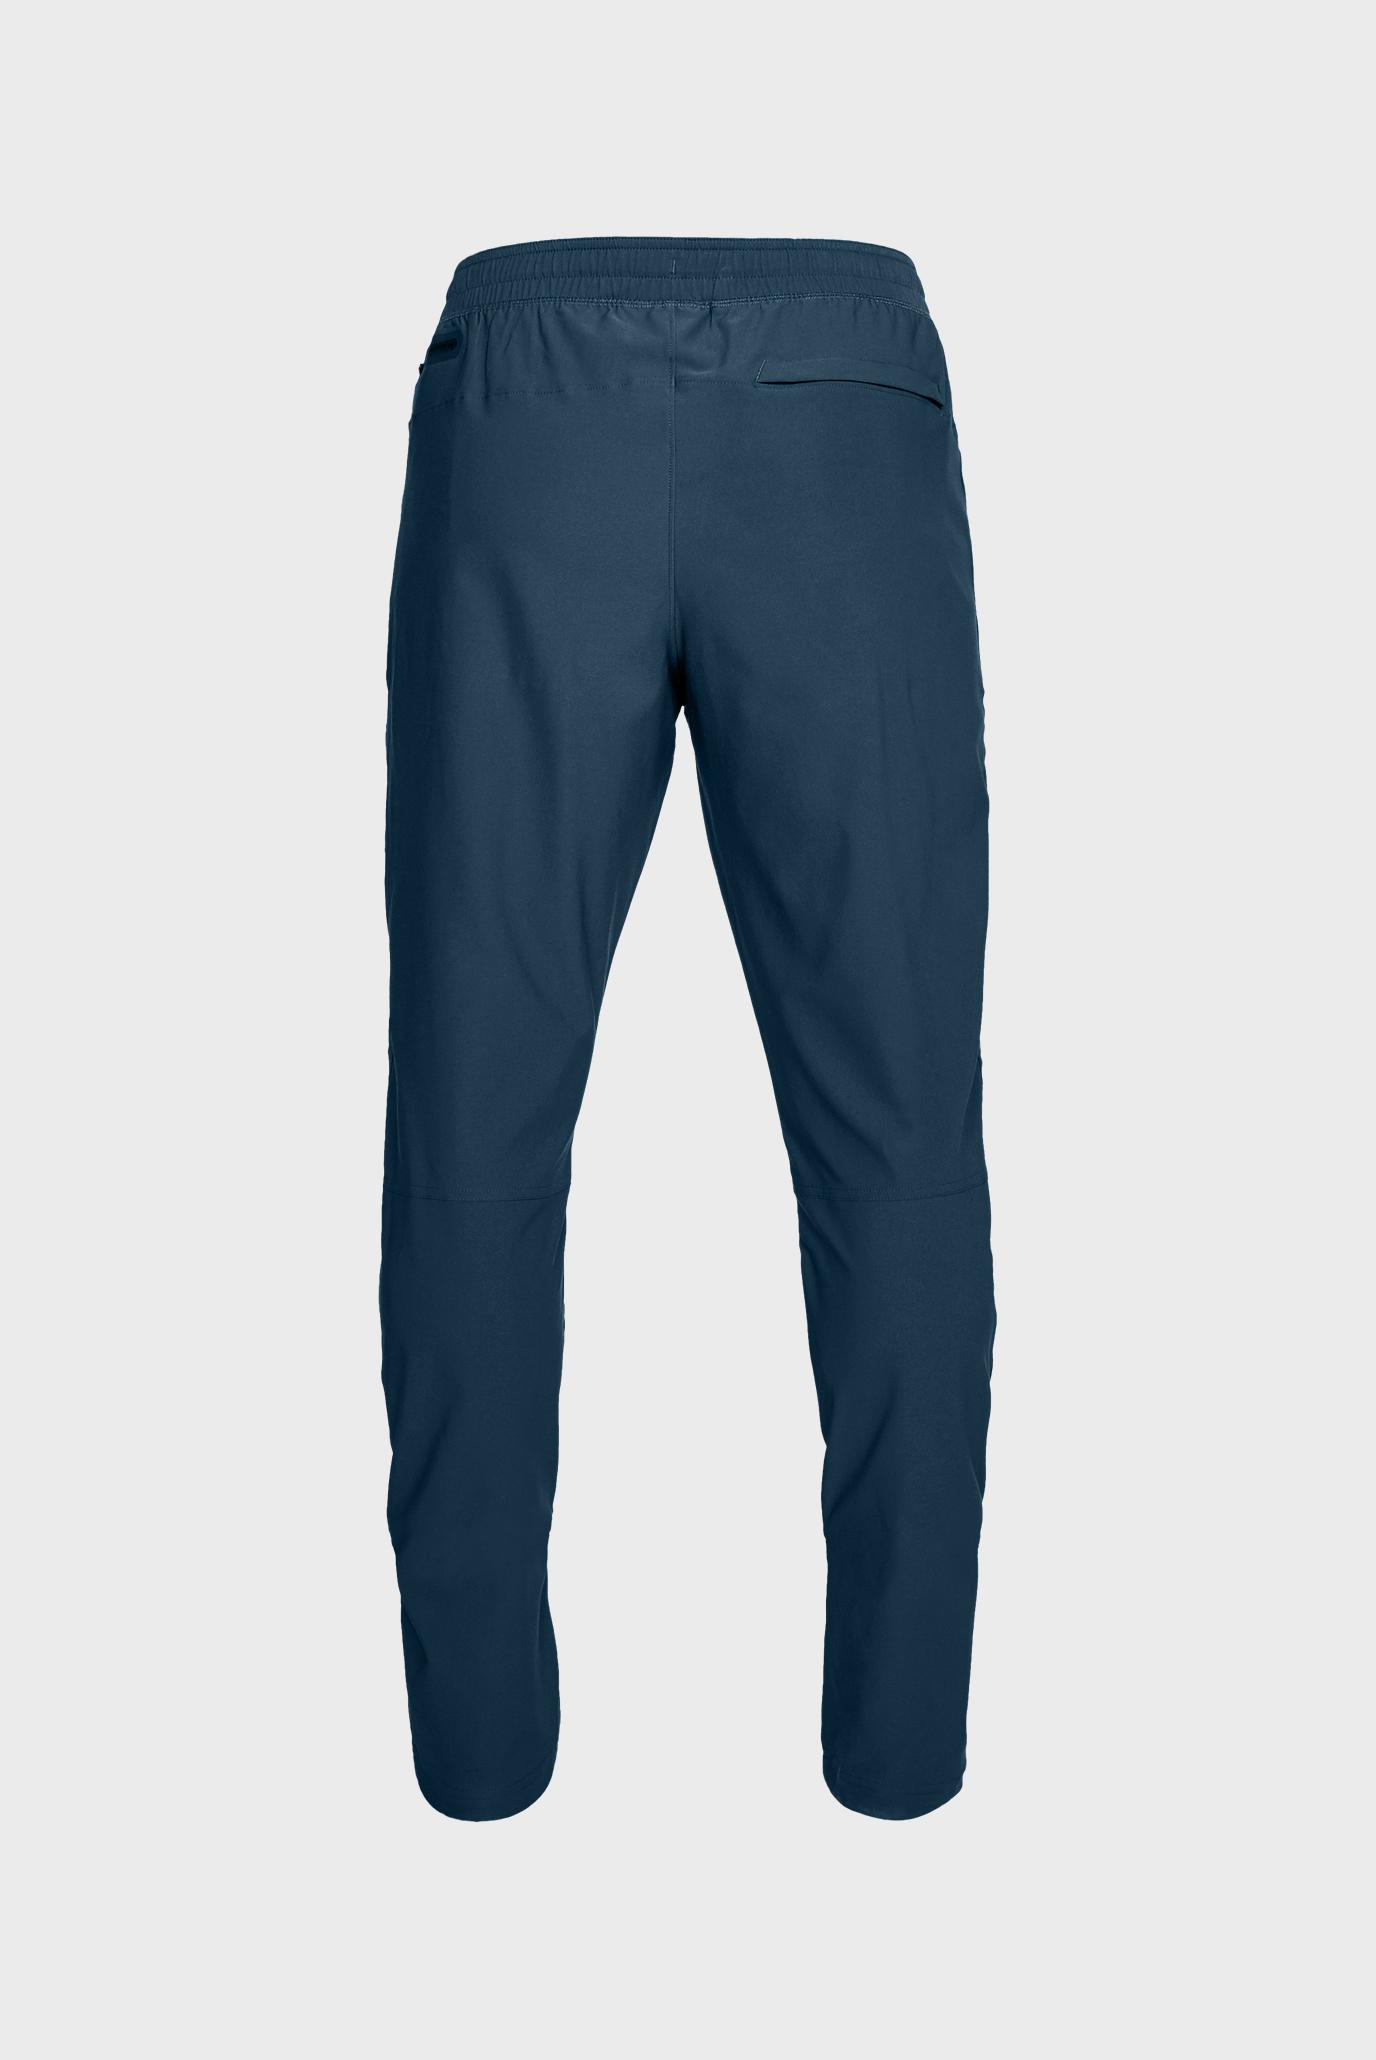 Купить Мужские синие спортивные брюки Woven Pant Under Armour Under Armour 1299186-918 – Киев, Украина. Цены в интернет магазине MD Fashion